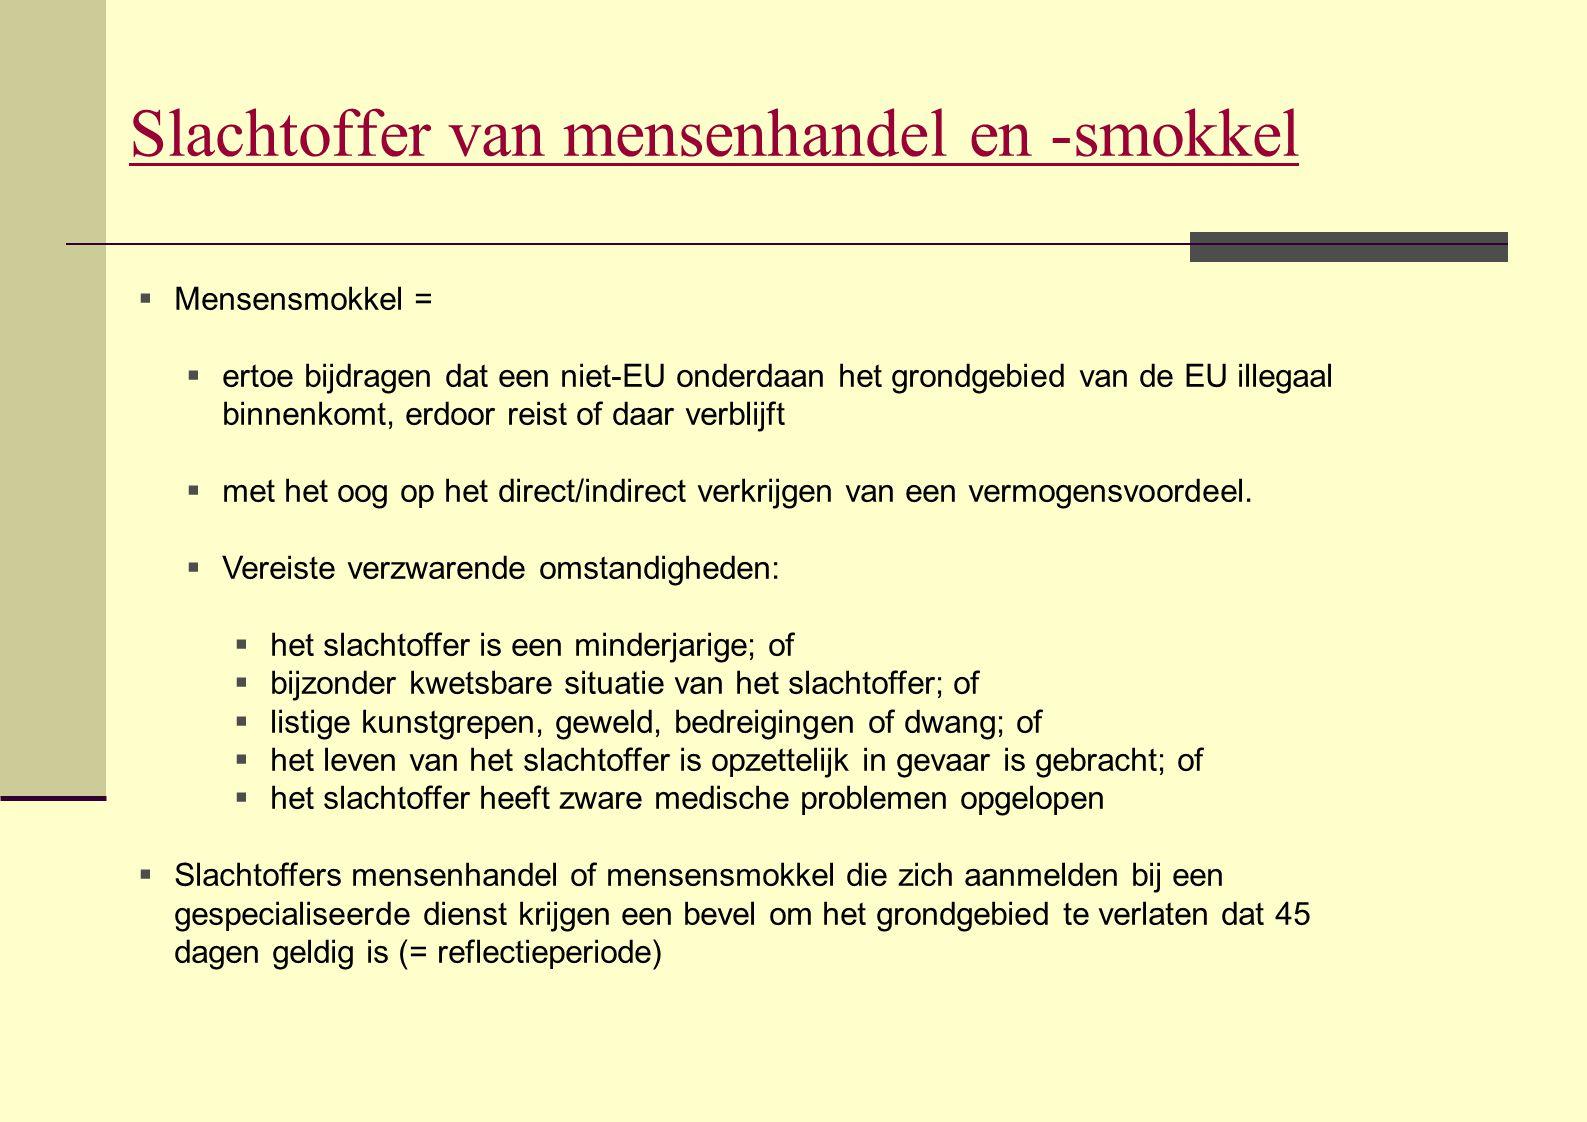 Slachtoffer van mensenhandel en -smokkel  Mensensmokkel =  ertoe bijdragen dat een niet-EU onderdaan het grondgebied van de EU illegaal binnenkomt,